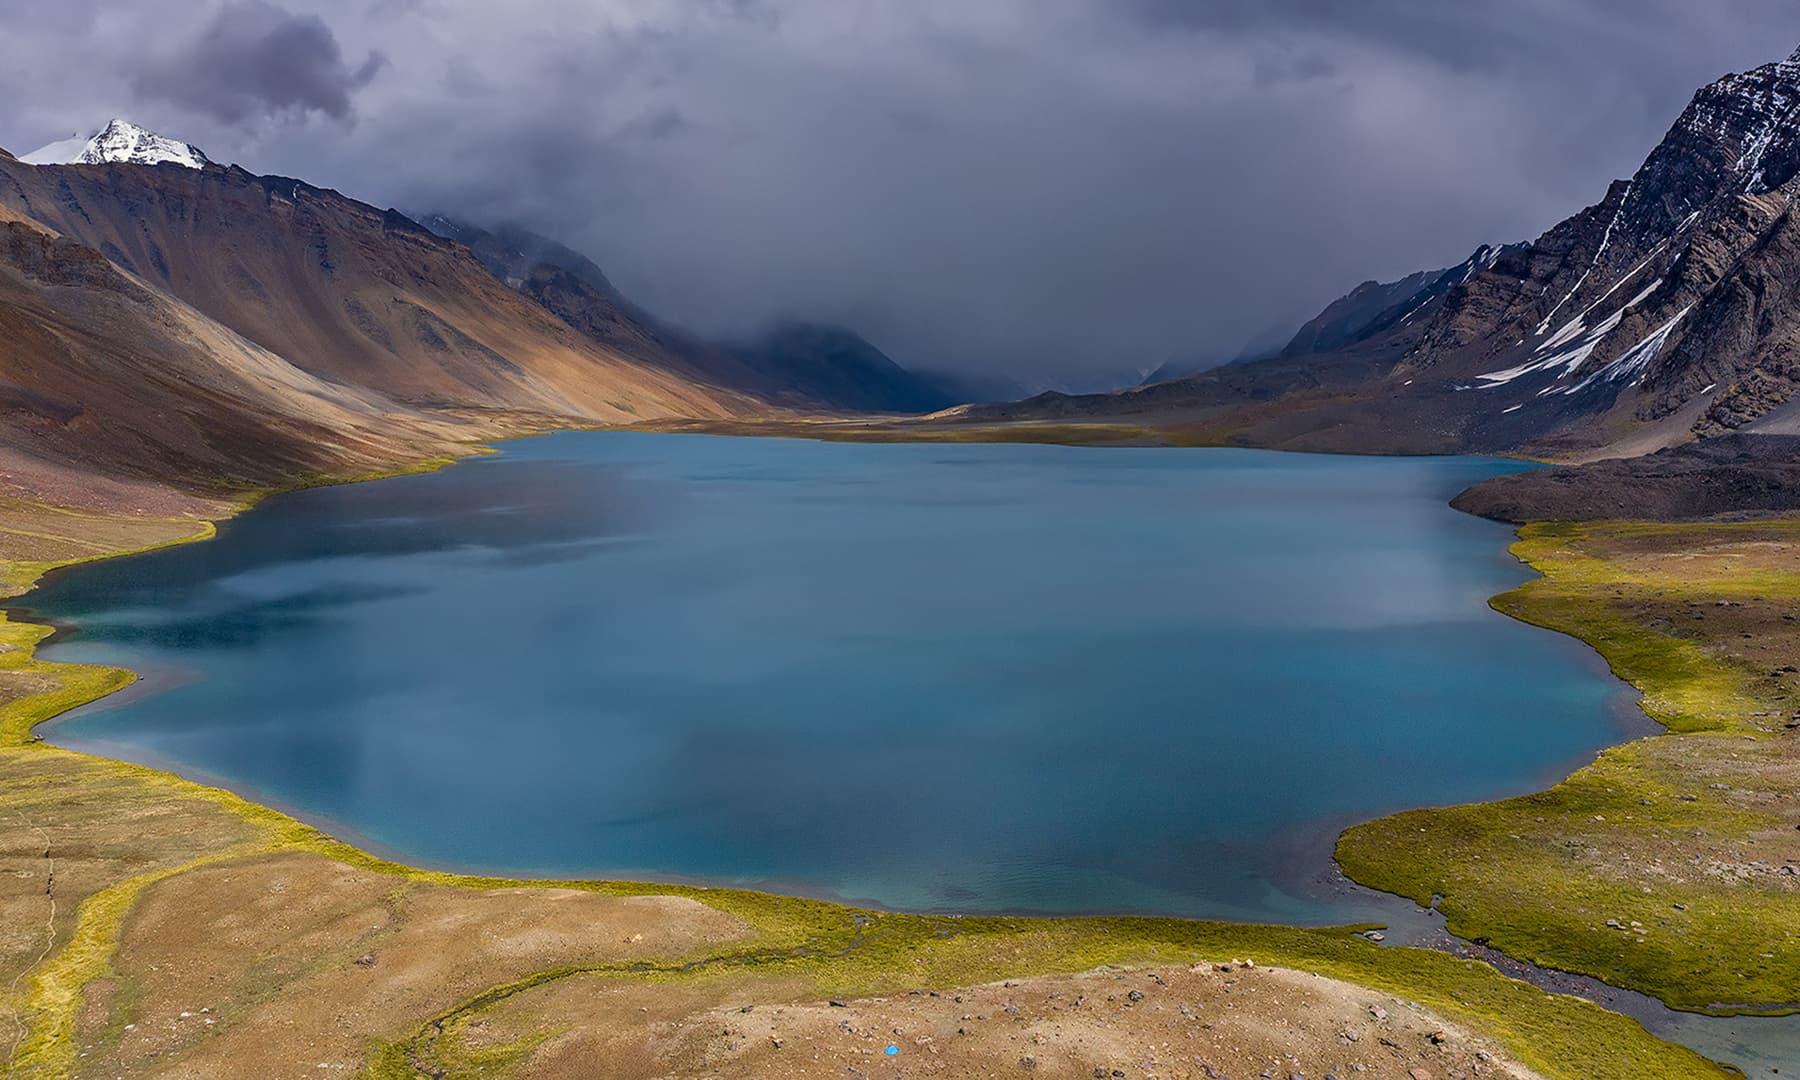 کرومبر جھیل میرے سامنے رنگ بدلتی رہی—سید مہدی بخاری